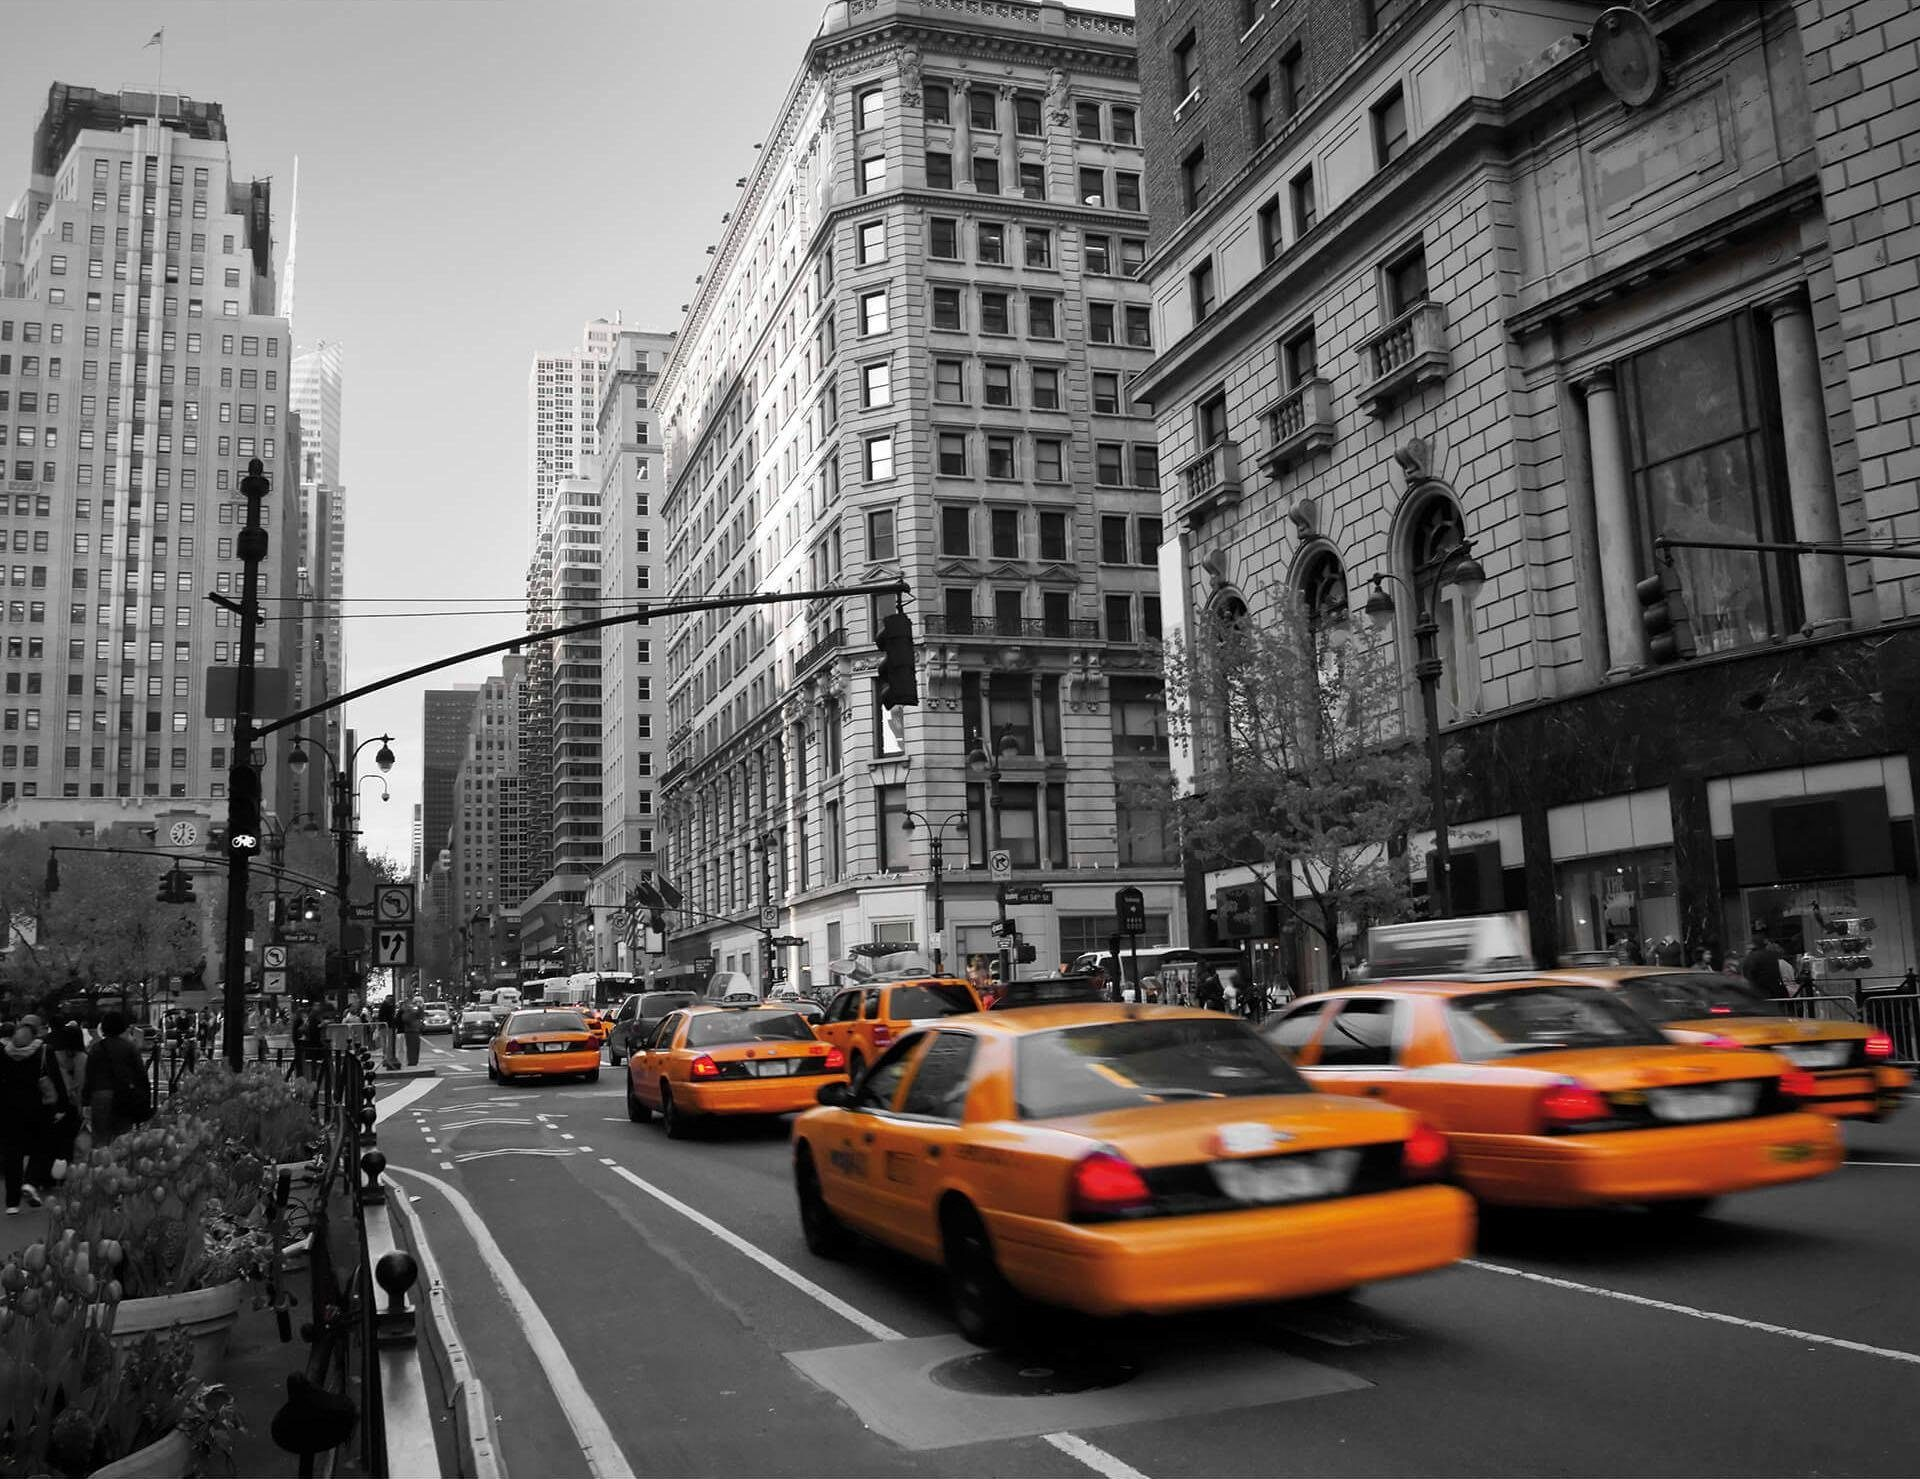 Fototapete »Cabs in Manhattan« 336/260 cm